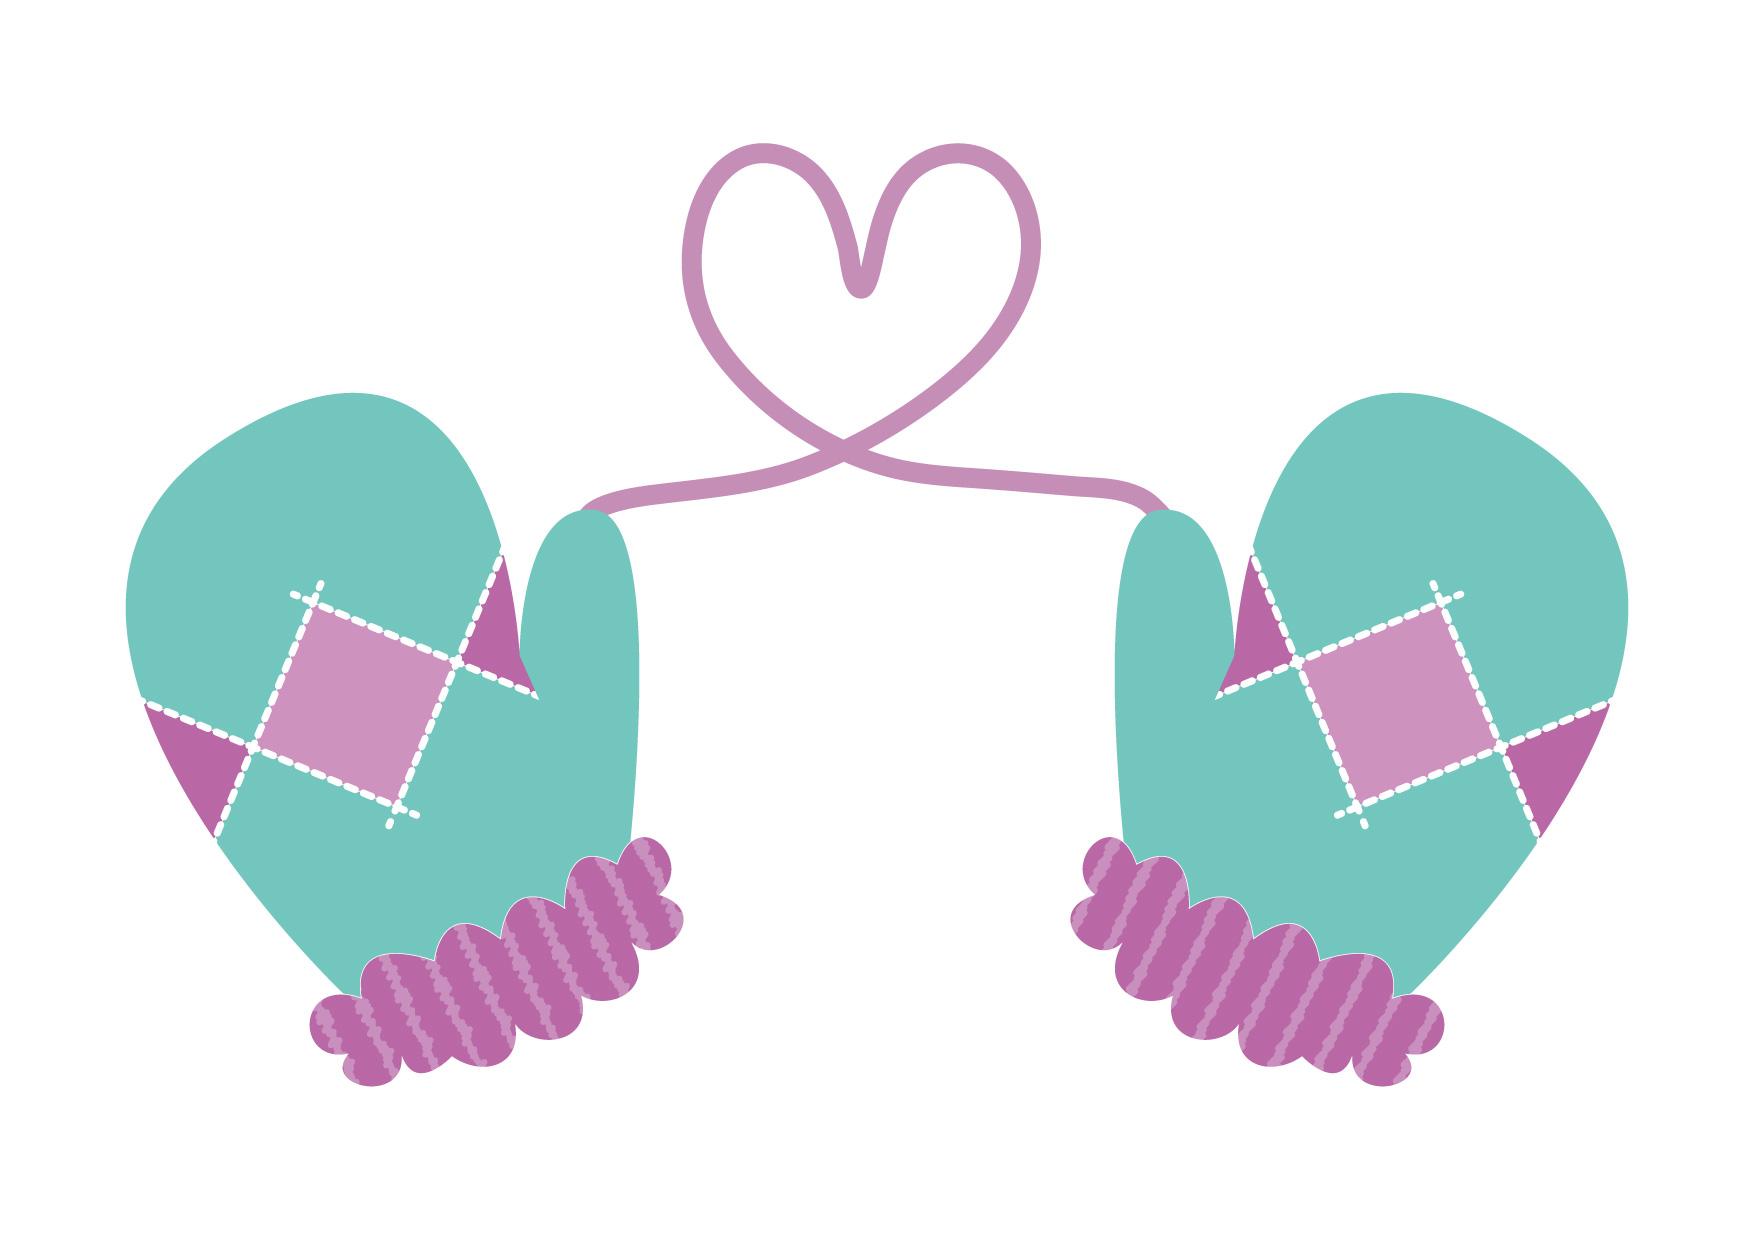 可愛いイラスト無料|手袋 ハート 青色 − free illustration Gloves heart blue